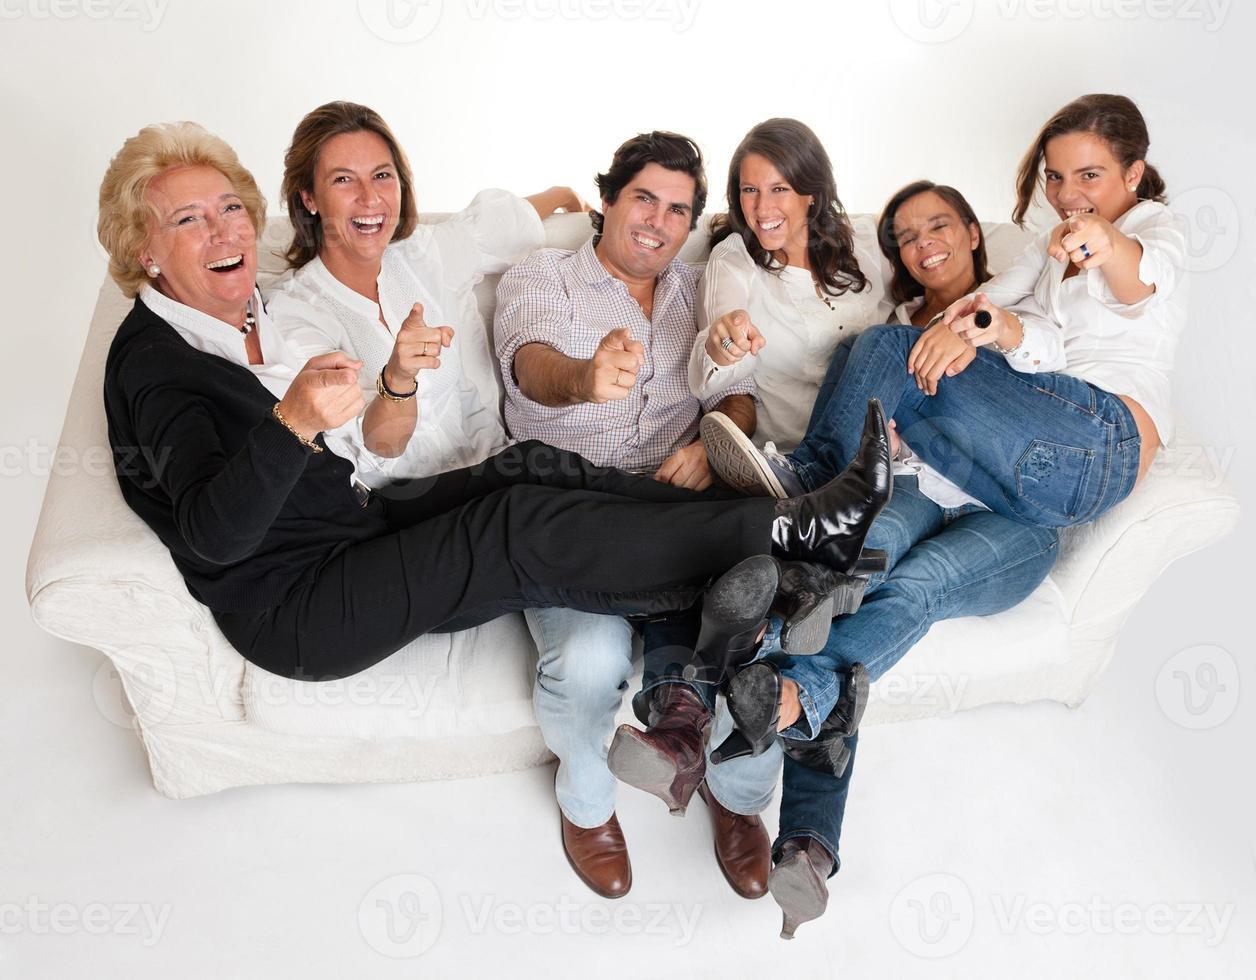 famiglia che ride foto